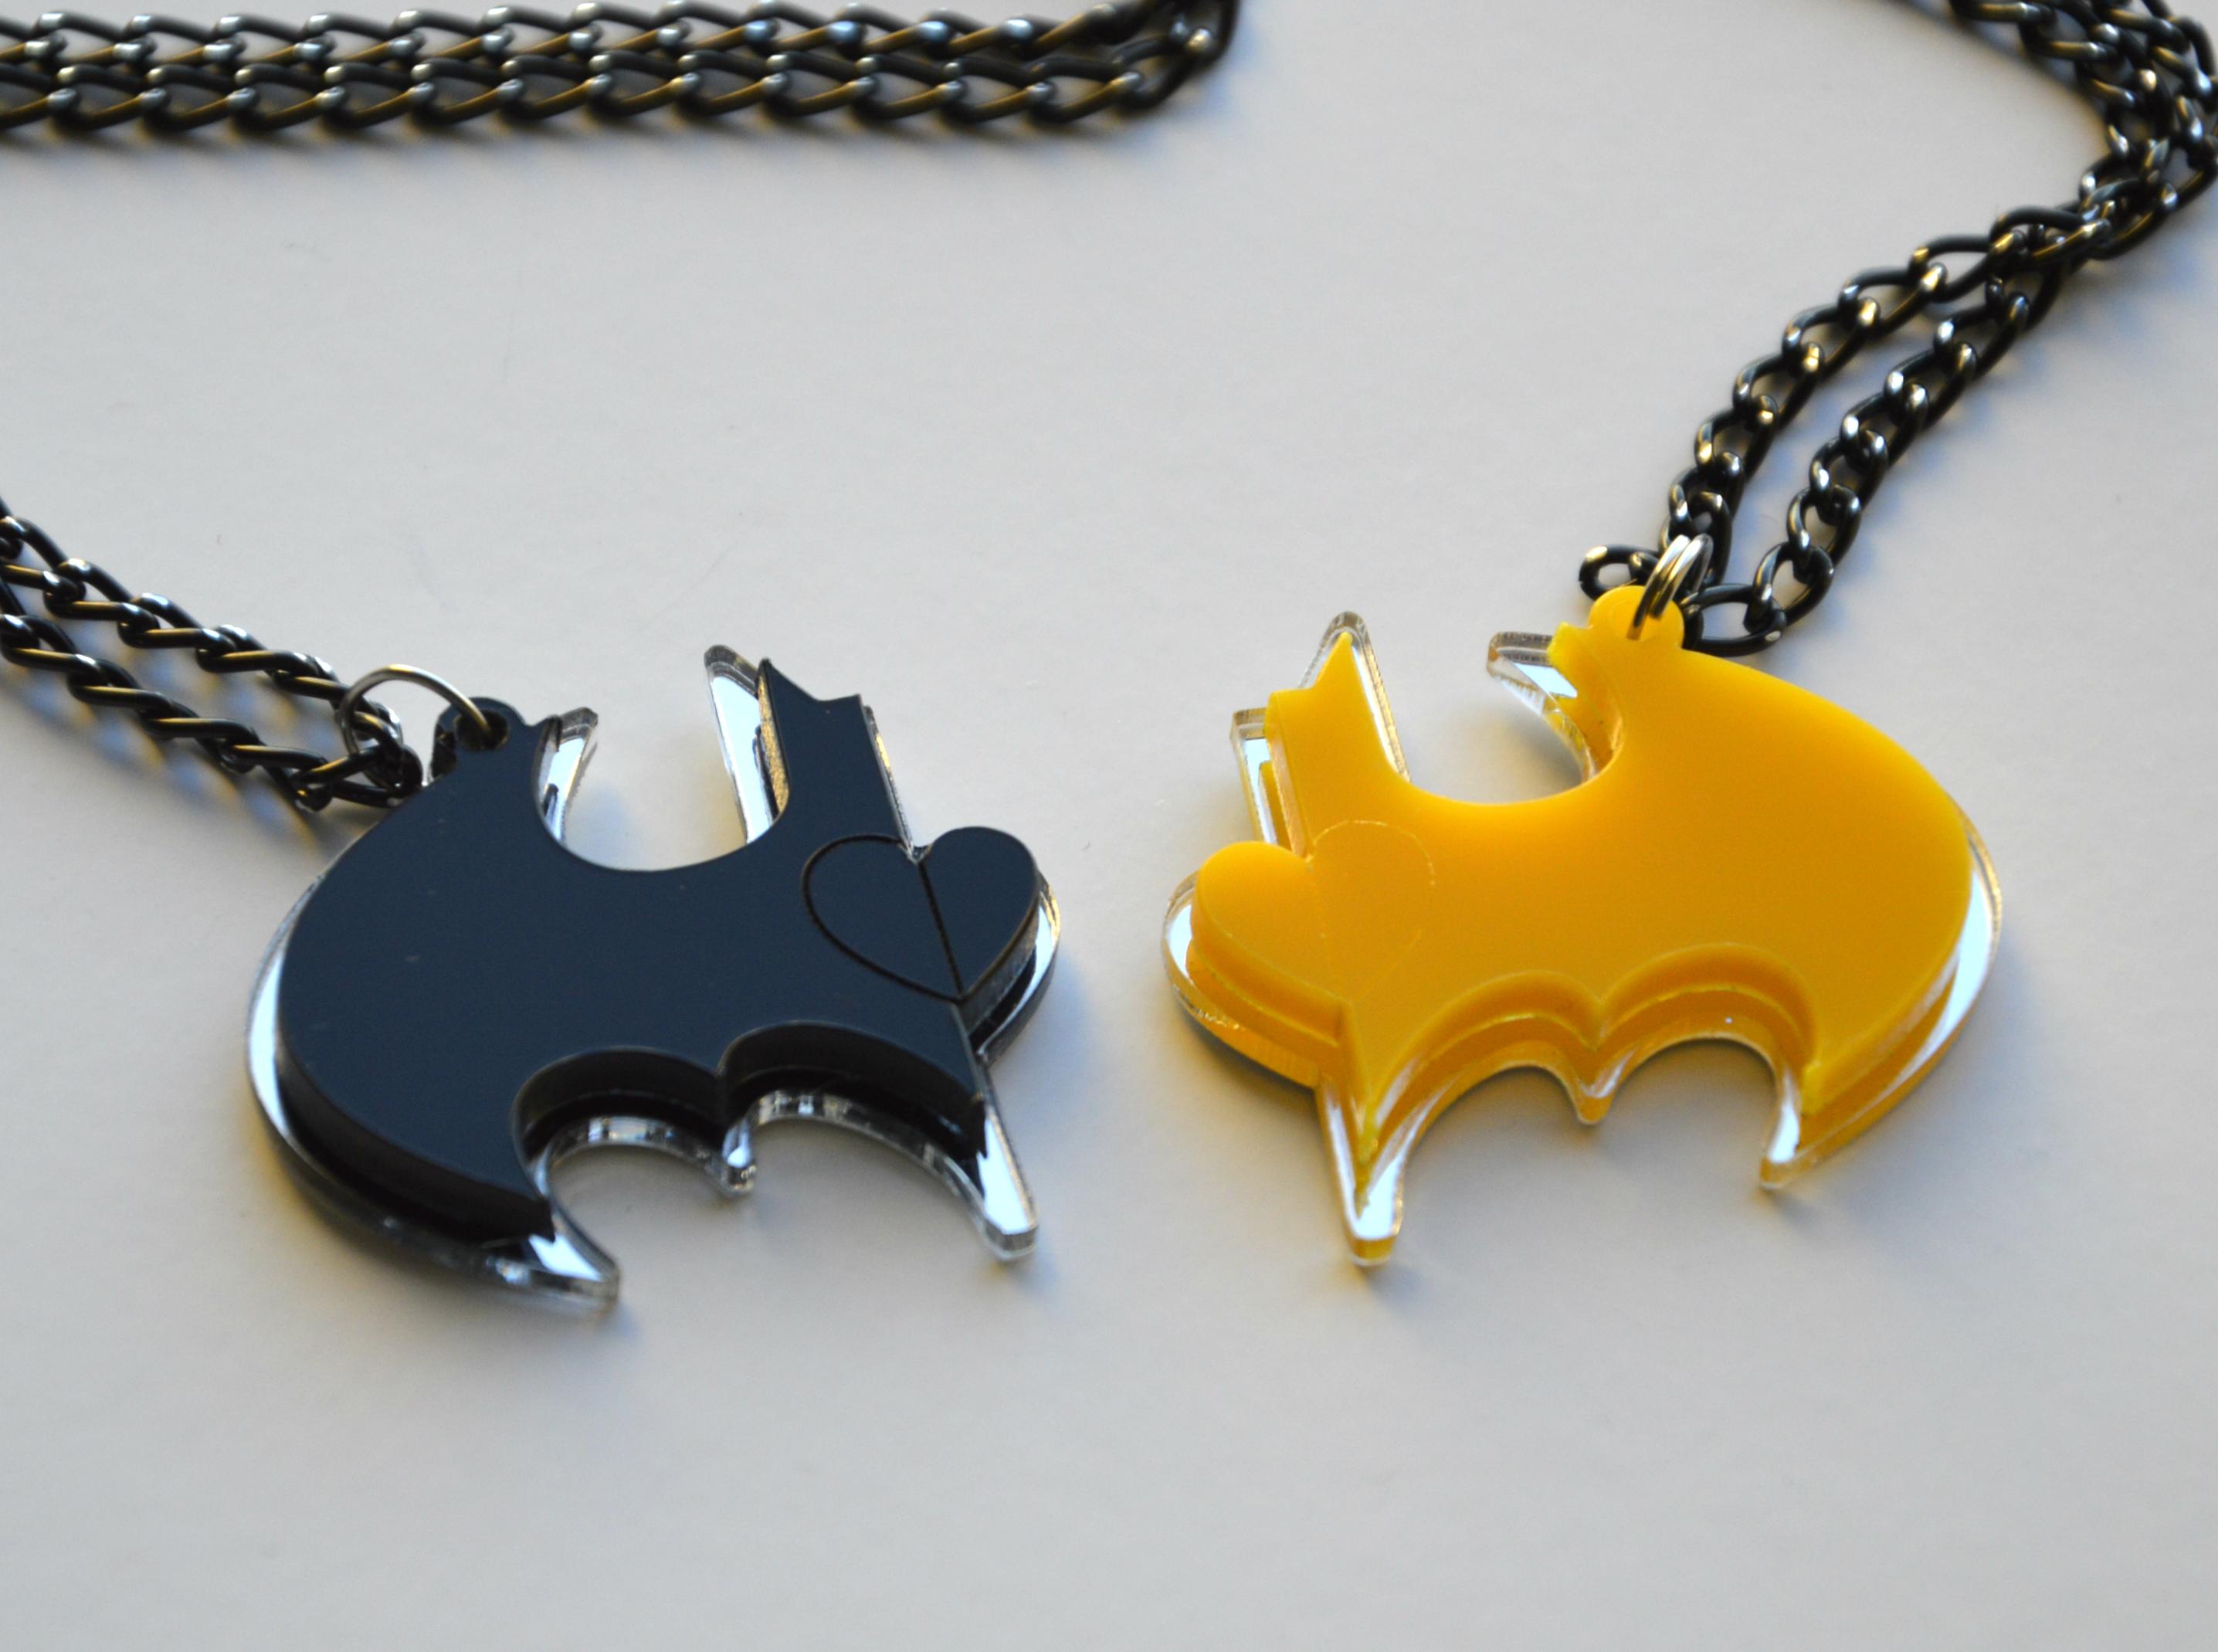 Batman Friendship Necklaces, Laser Cut Black and Yellow plastic